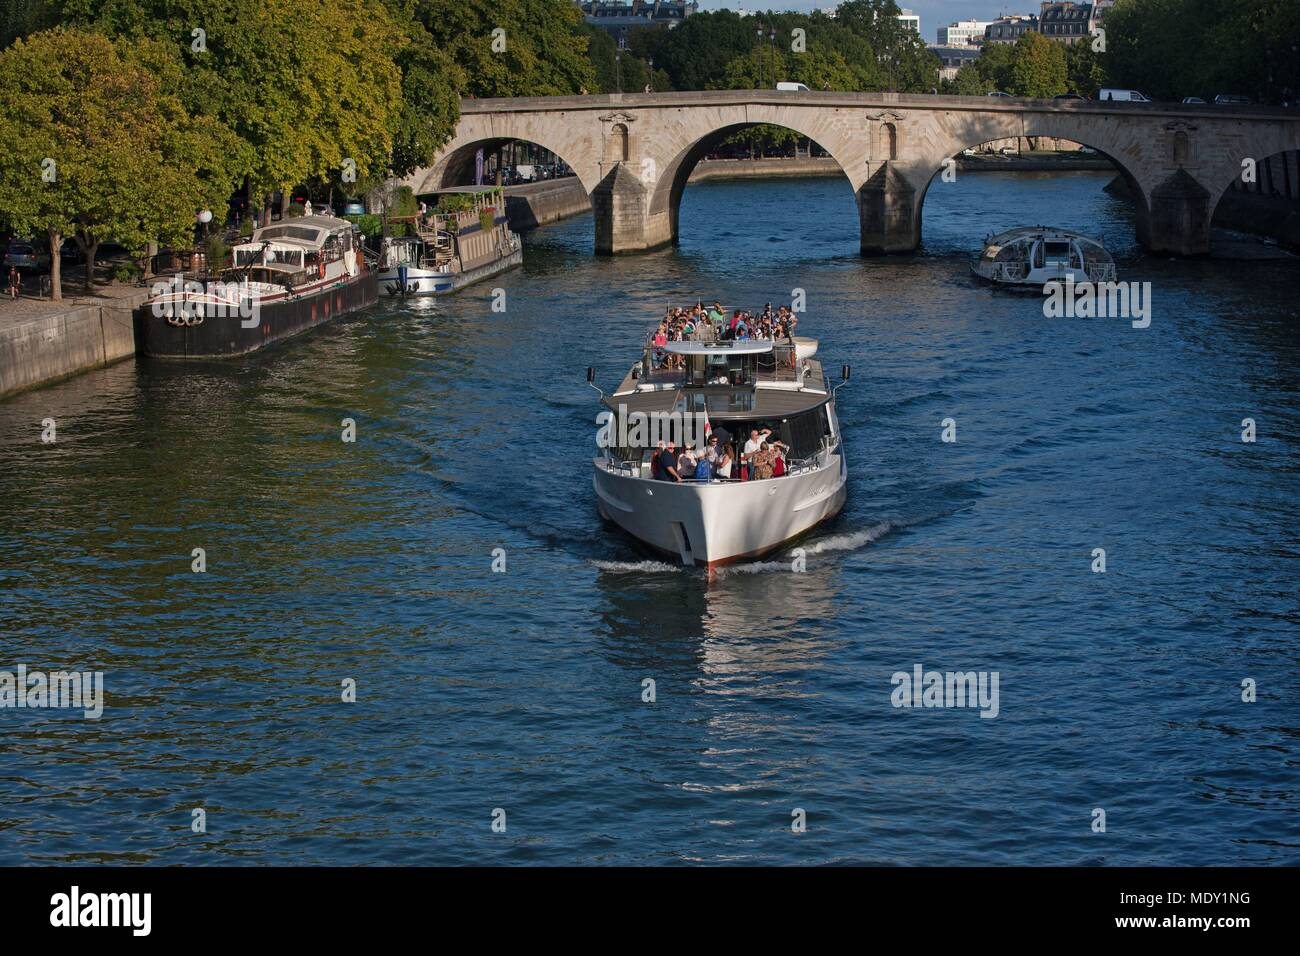 Paris, Île Saint Louis, view from the Pont Louis Philippe, tourist boat, Pont Marie - Stock Image